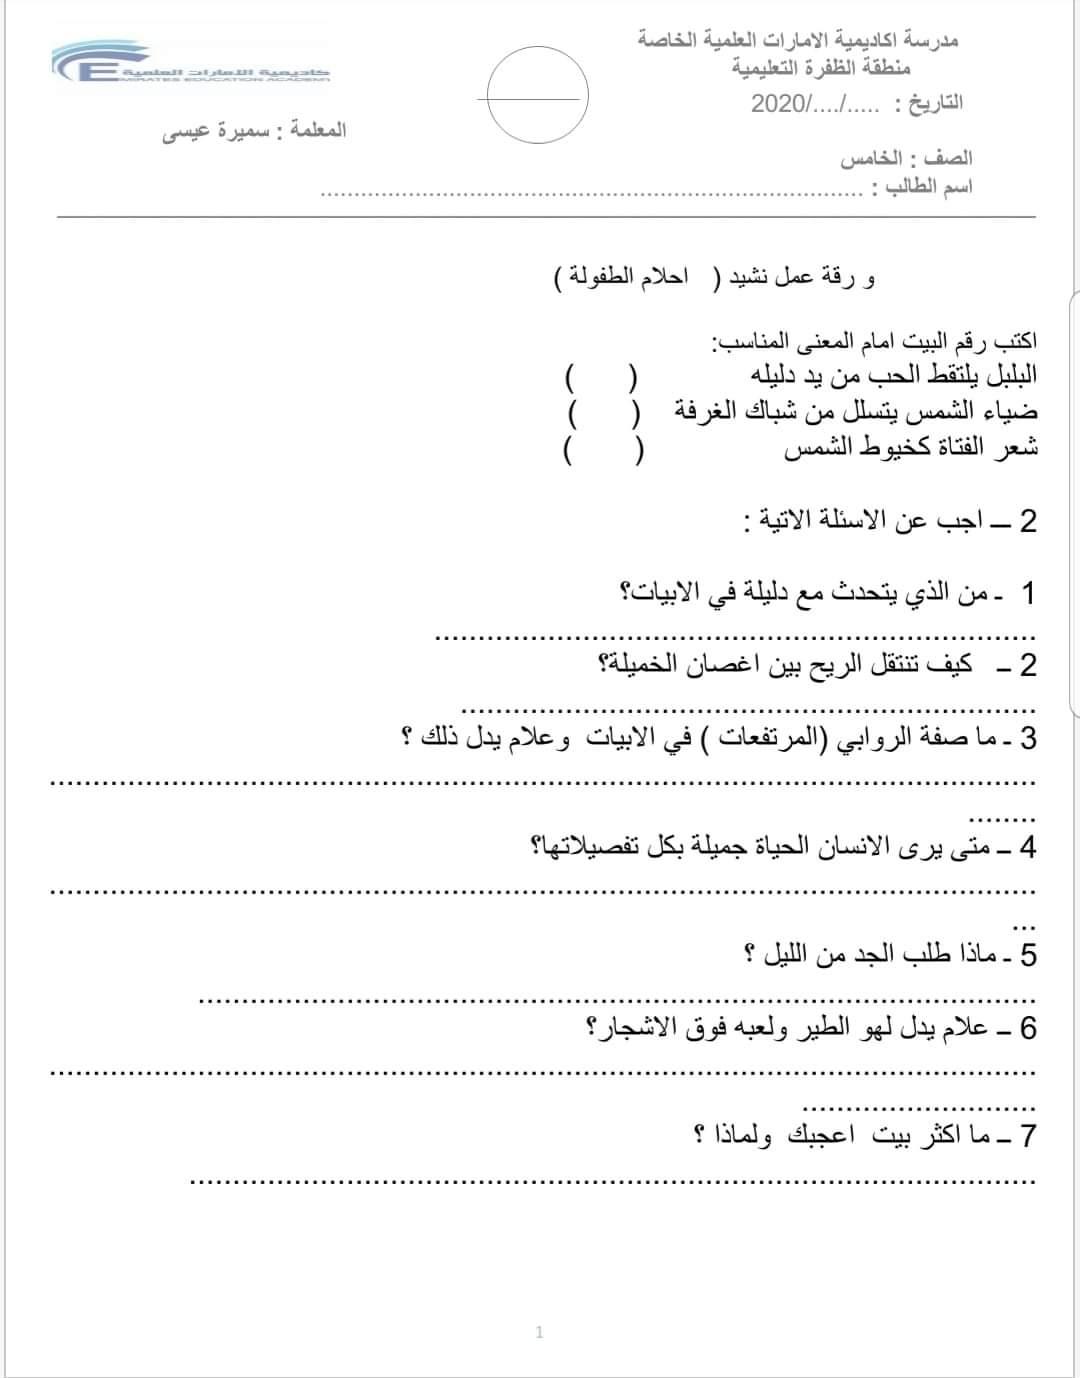 ورقة عمل نشيد أحلام الطفولة لغة عربية للصف الخامس الفصل الثانى 2020 الامارات